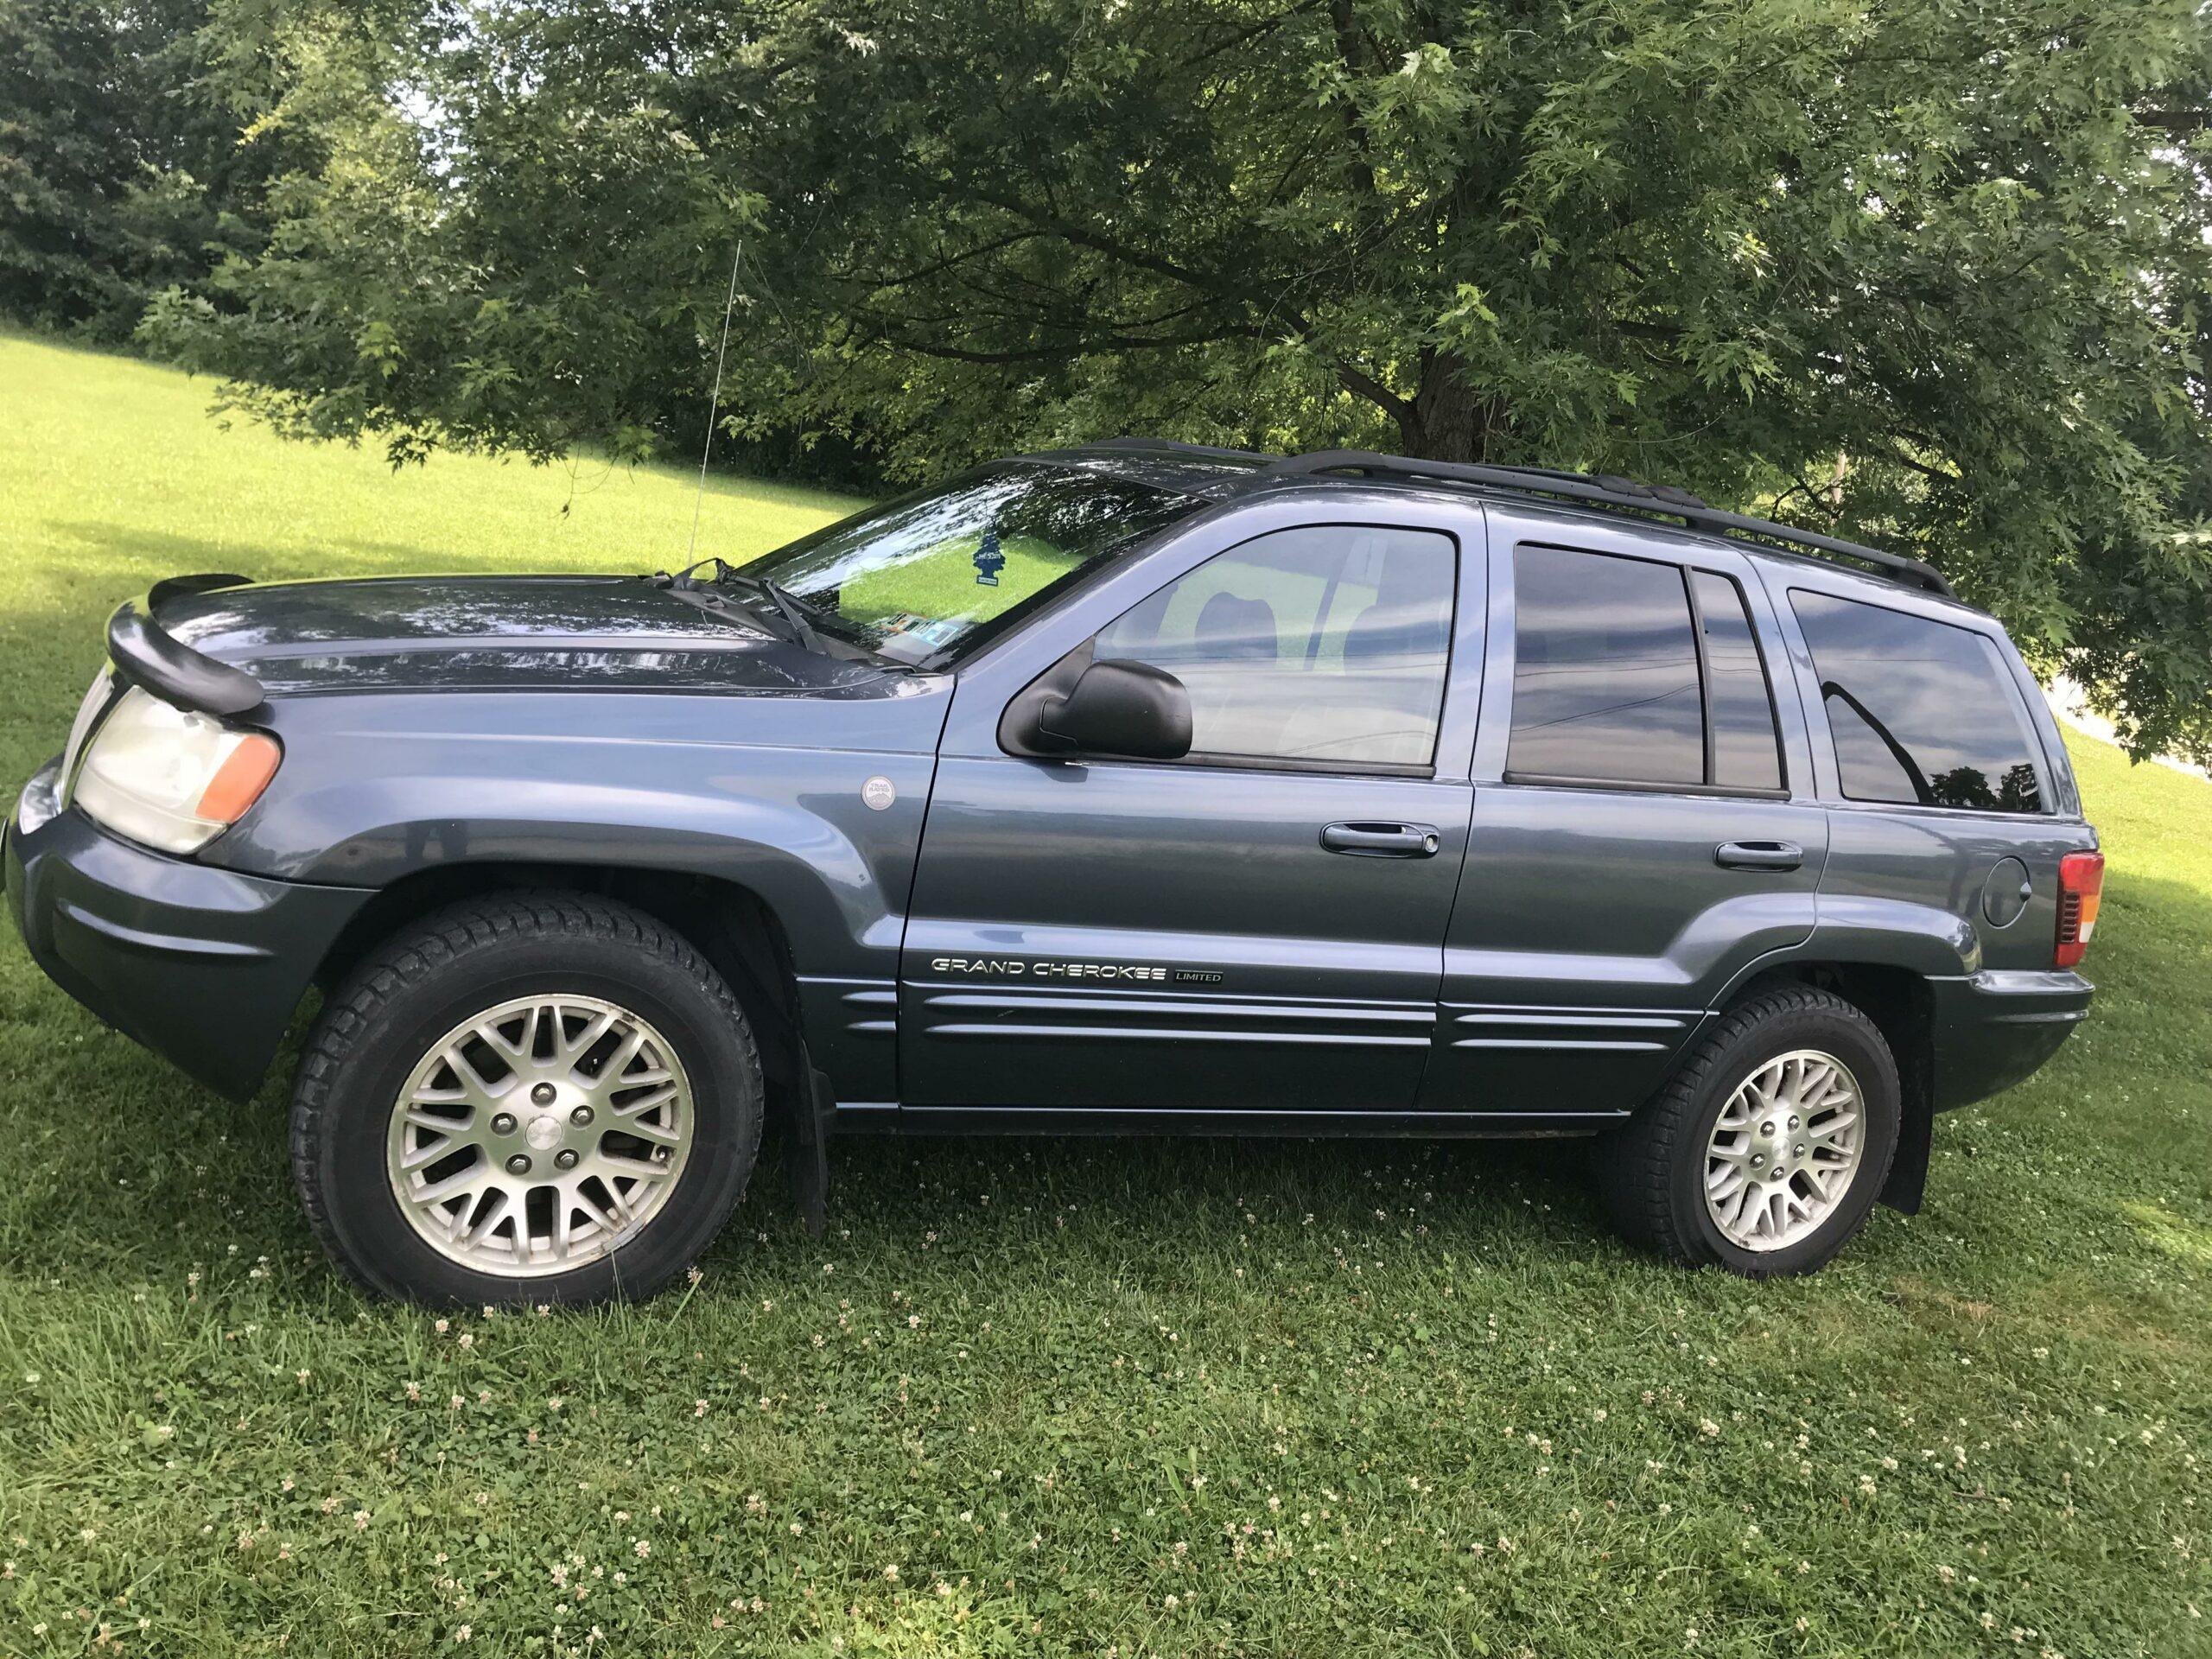 2004 Steel Blue Grand Cherokee